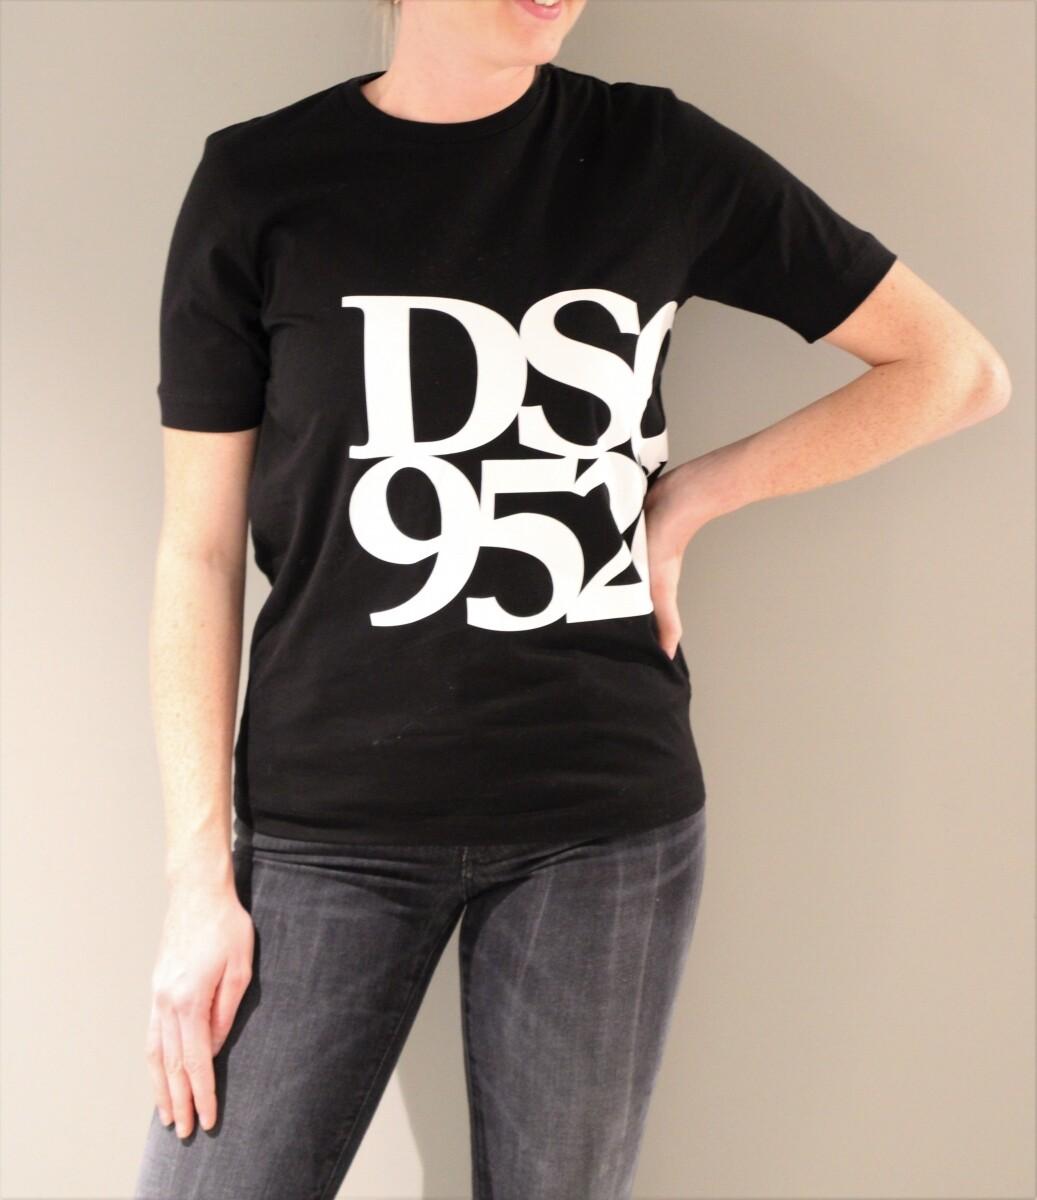 Dsquared2 | T-shirt | S72GD0266 S23009 zwart